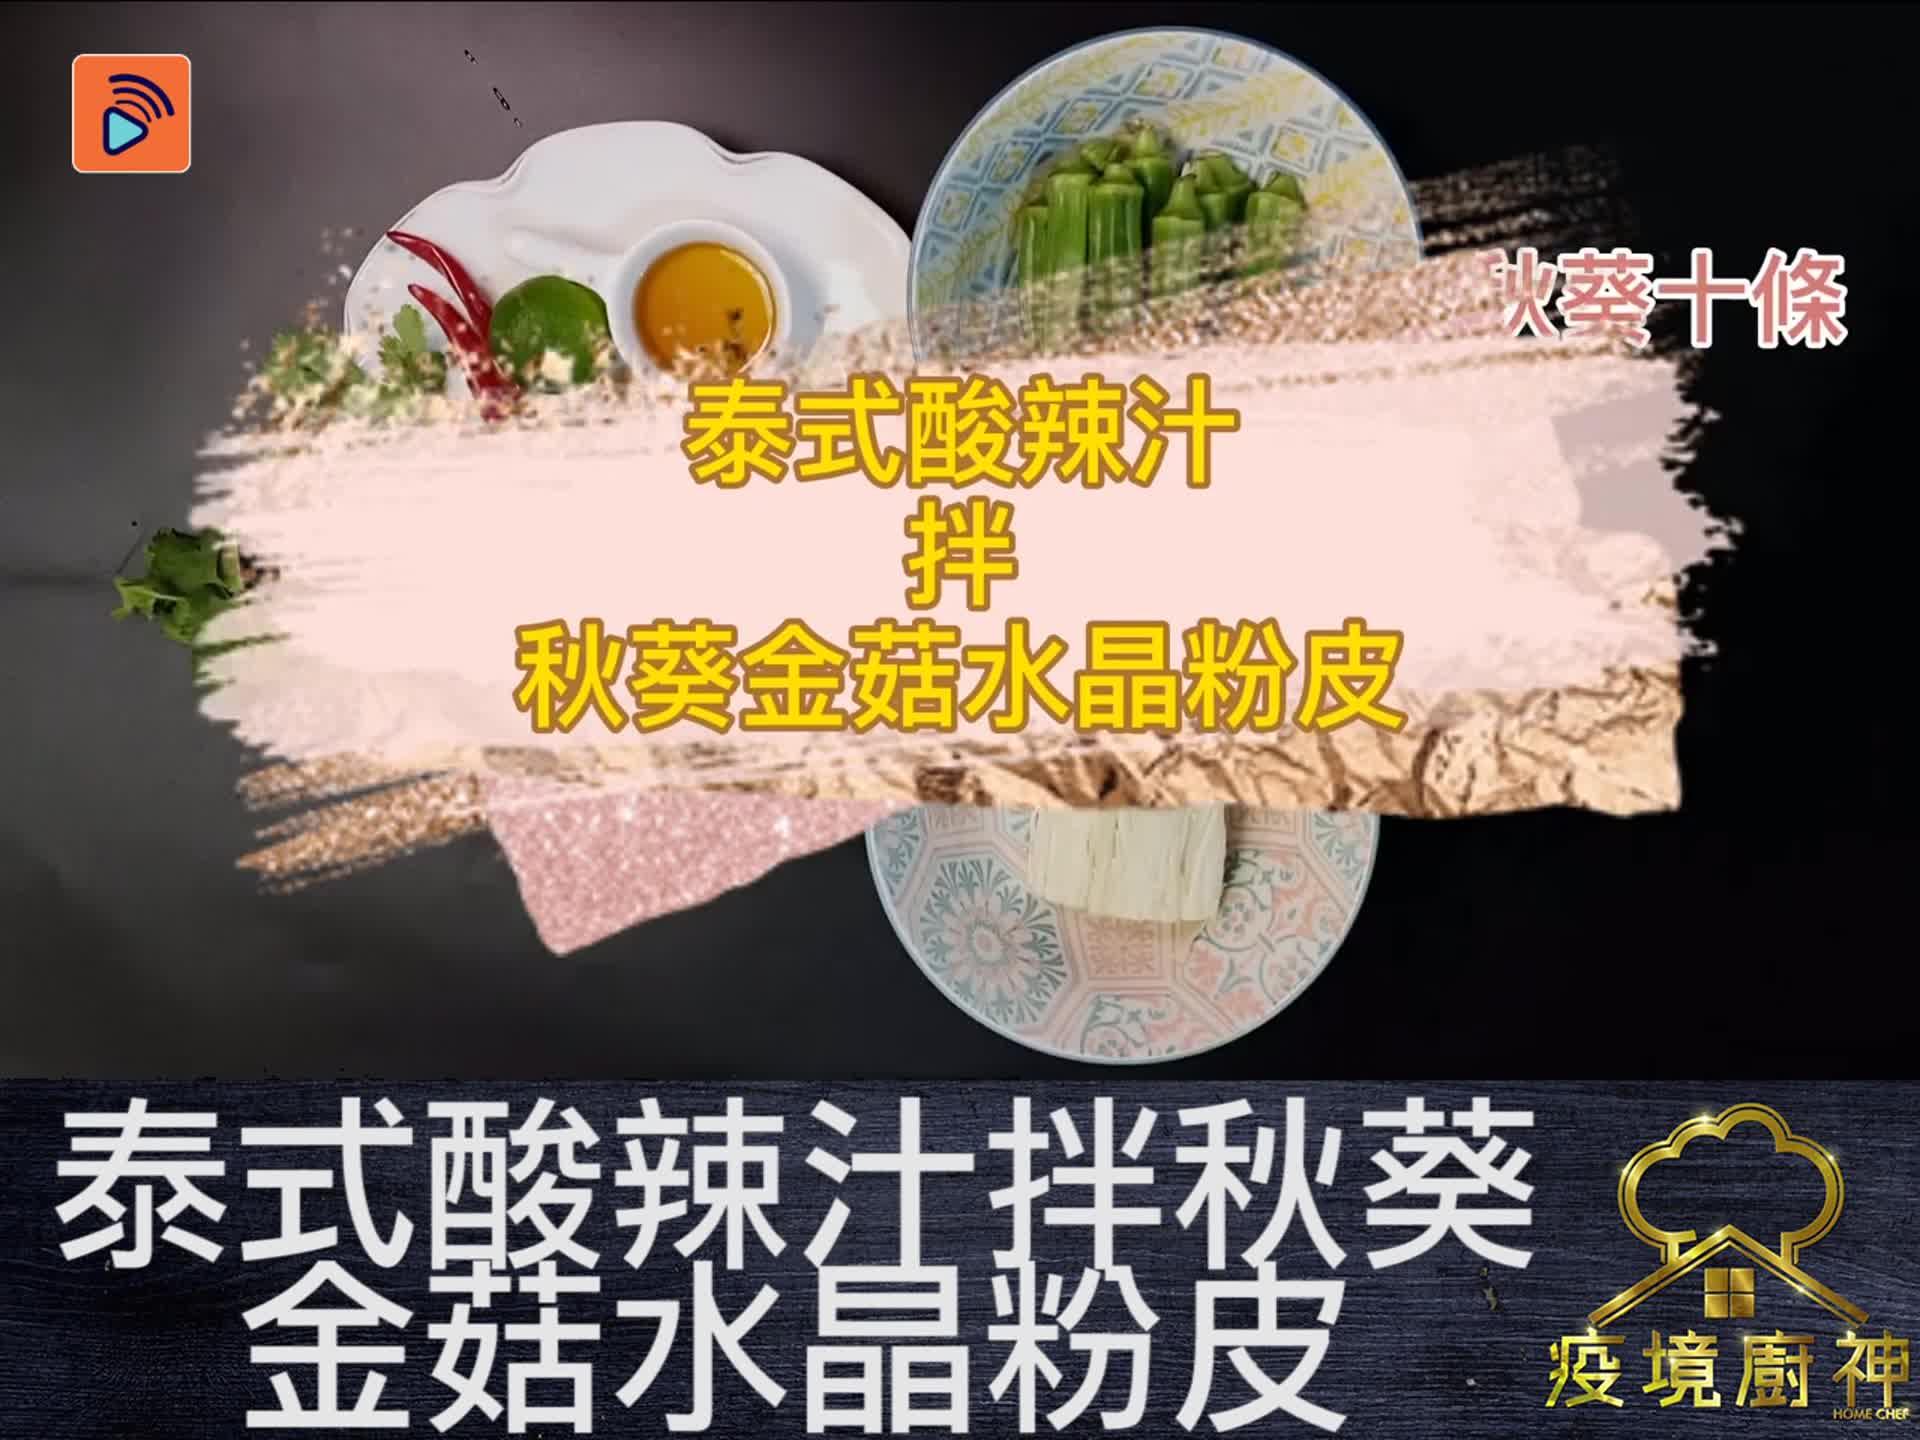 【泰式酸辣汁拌秋葵金菇水晶粉皮】自製靈魂泰式辣汁!將食物味道昇華!